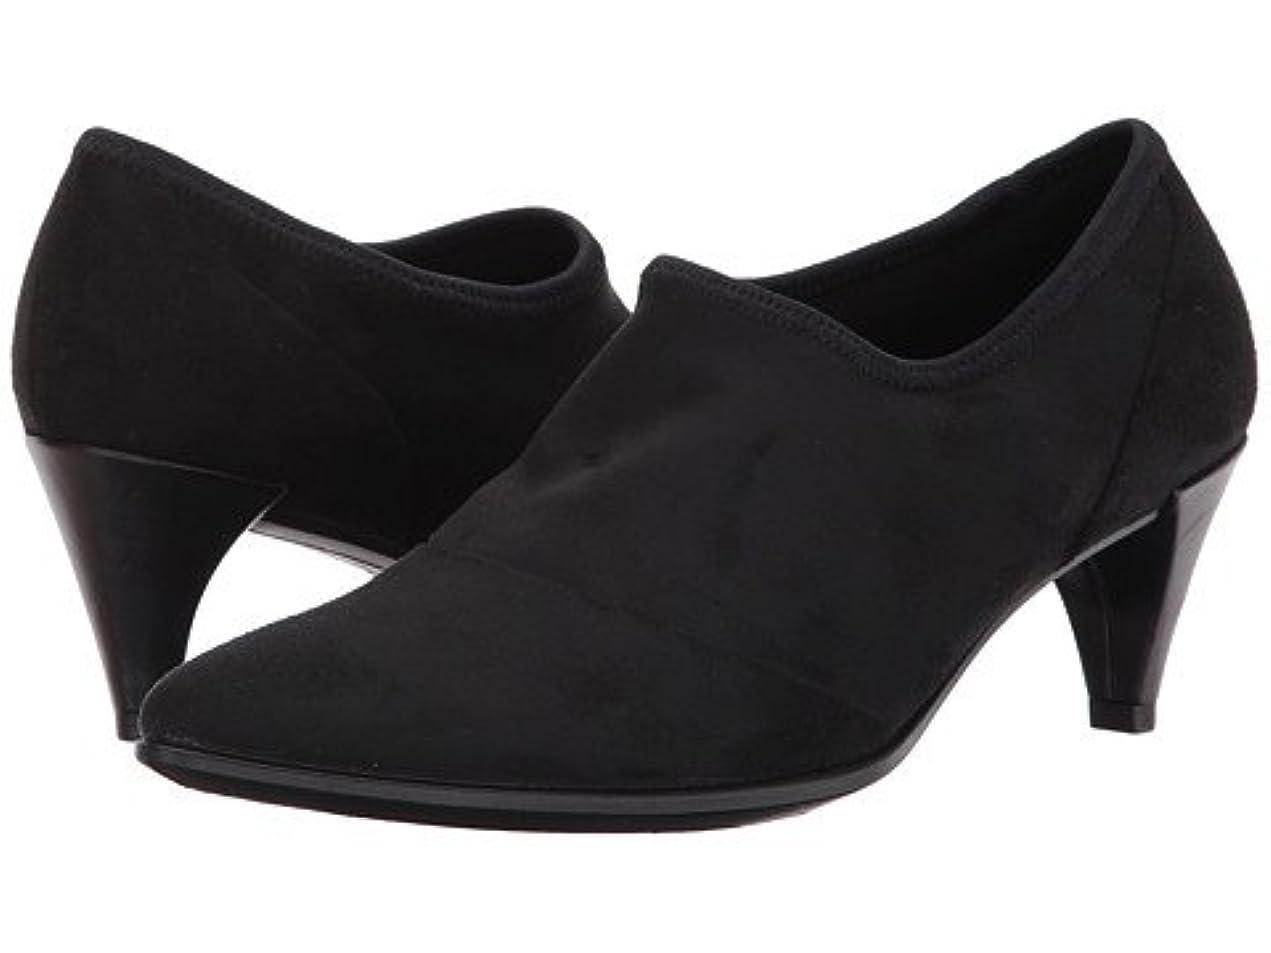 ロック暫定のイチゴ(エコー) ECCO レディースヒール?パンプス?靴 Shape 45 Sleek Slip-On Black/Black US Women's 10-10.5 n/a M [並行輸入品]